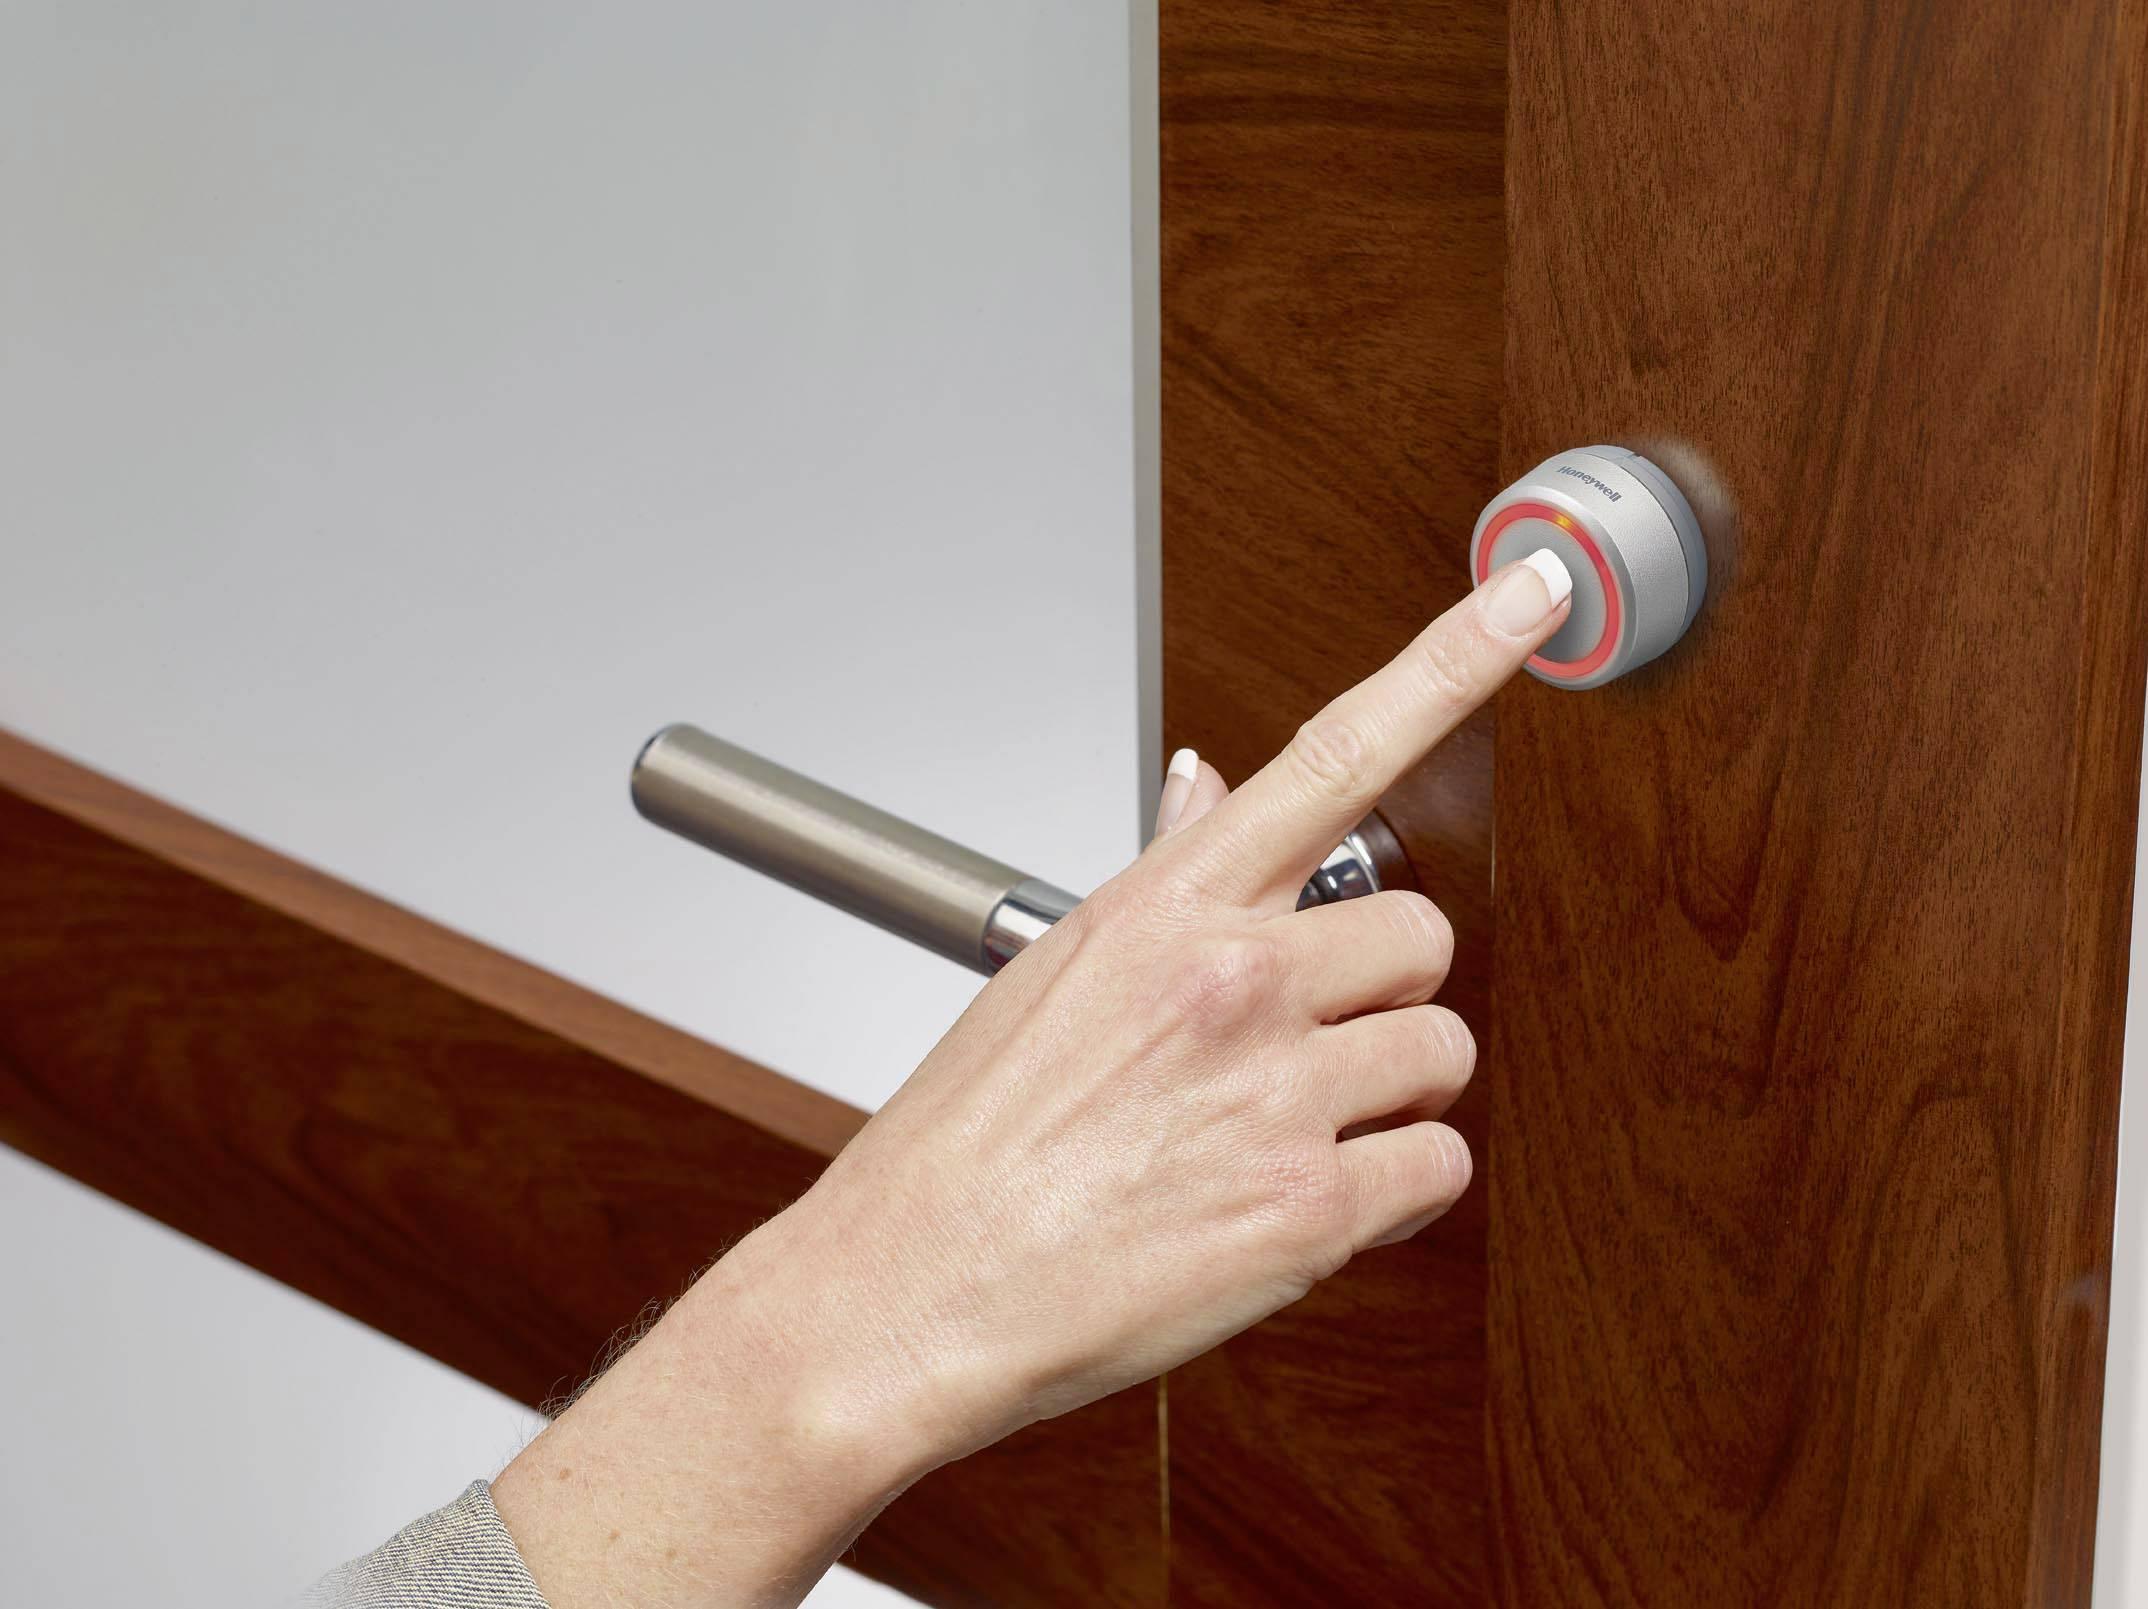 Klingelanlage Verdrahtetes Türklingel Komplett Set mit Klingeltaster /& Türgong